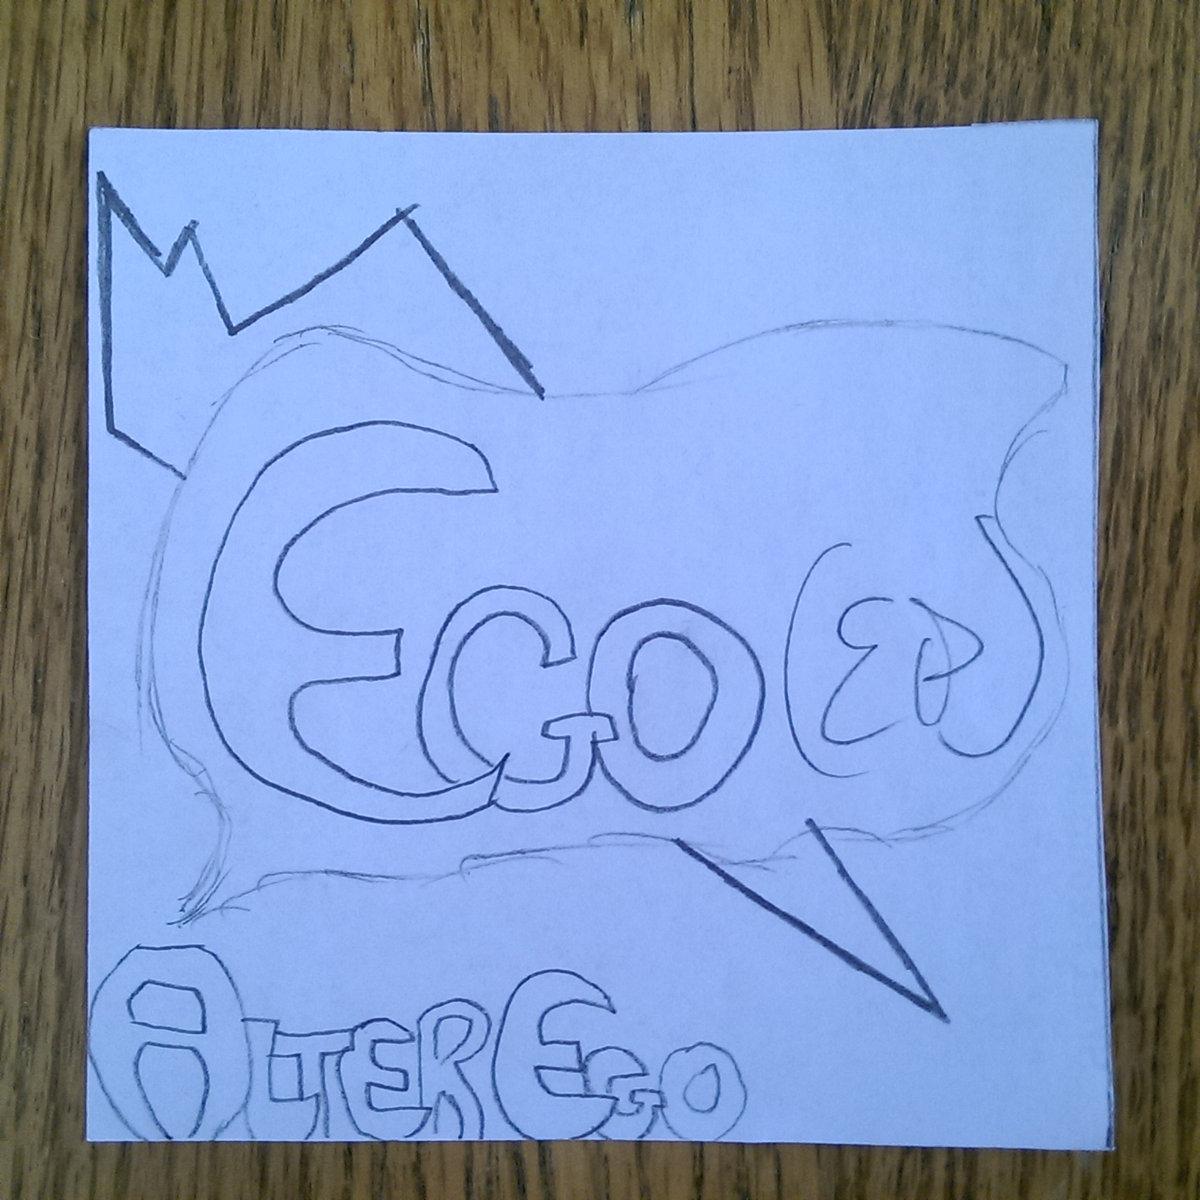 Alter Ego – Ego